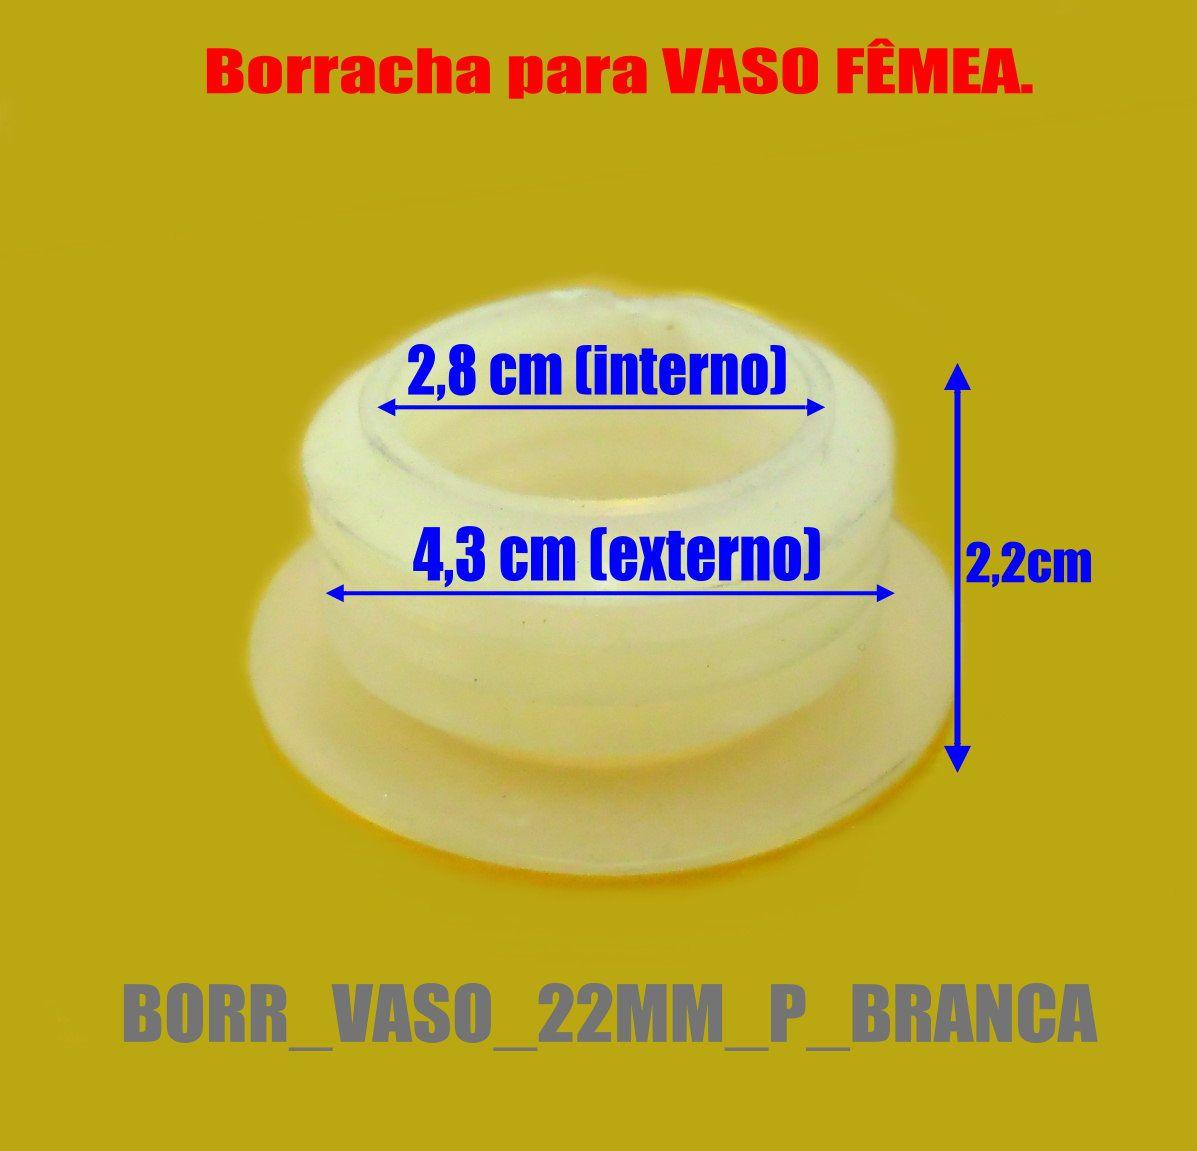 Borracha / Vedação para vaso pequeno a medio. Em silicone 22mm. - BORR_VASO_22MM_P_BRANCA